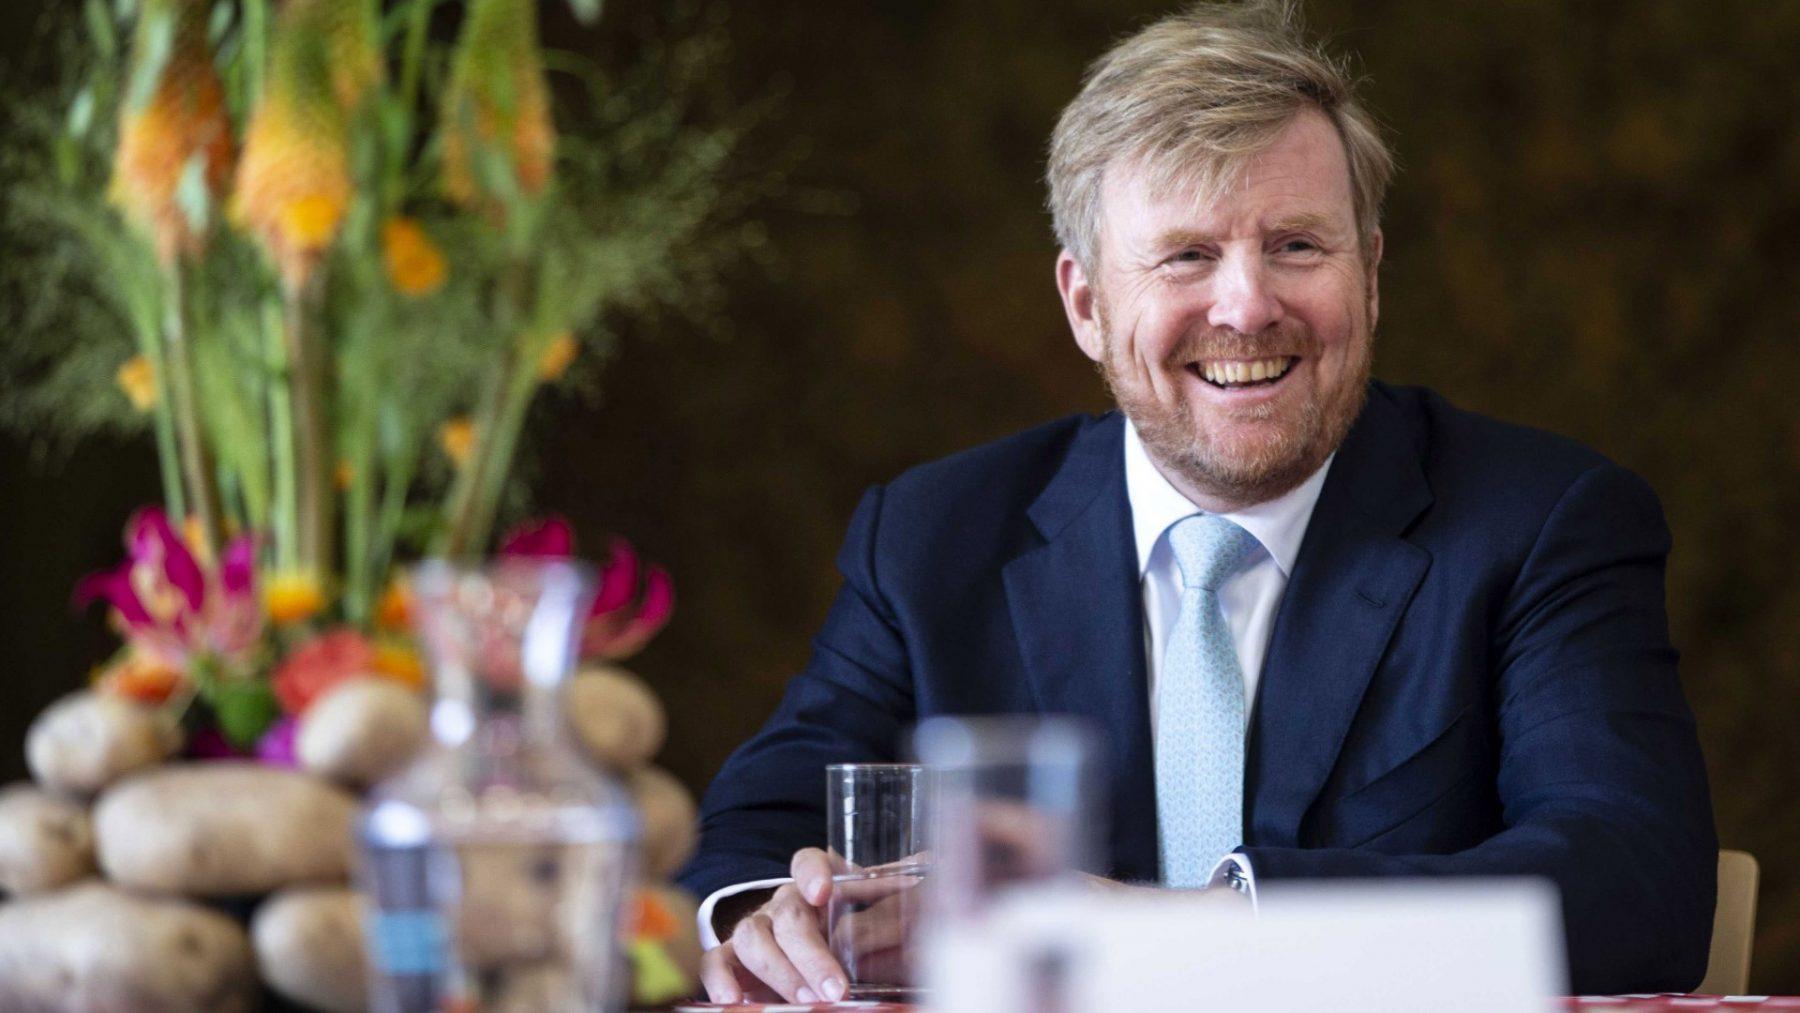 Koning bezoekt akkerbouwbedrijf om te praten over impact corona